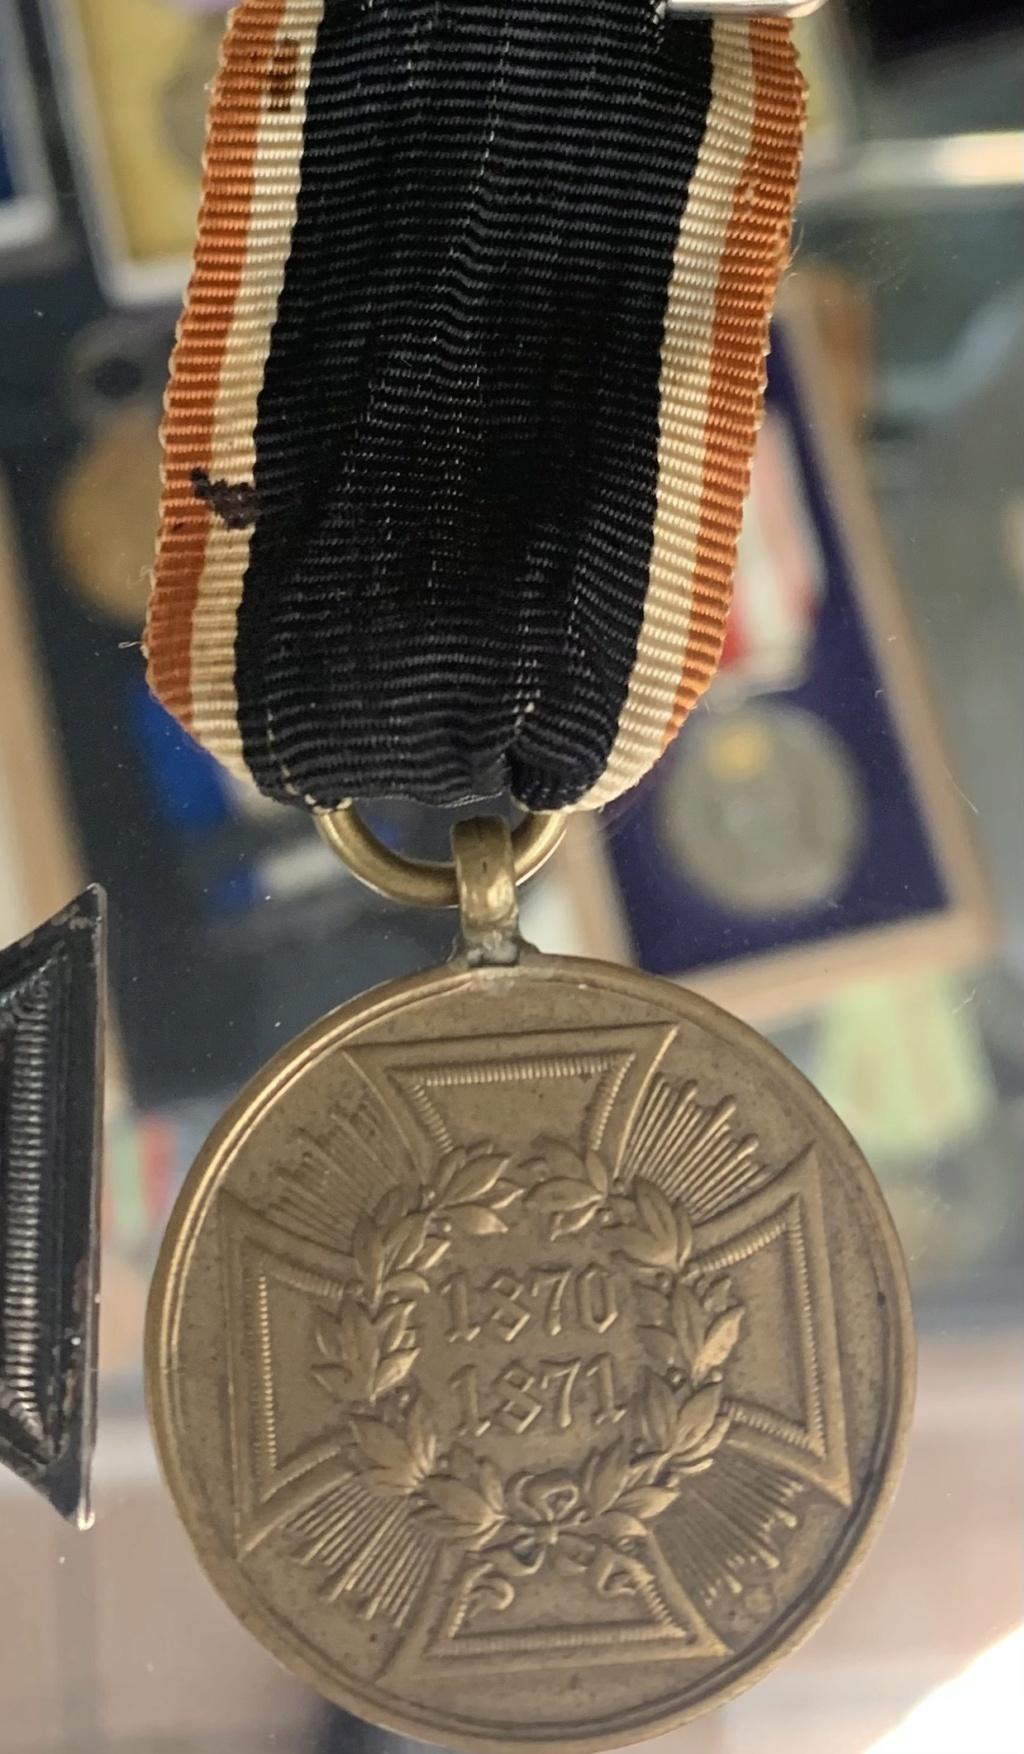 Ruban médaille Allemande 1870-1871 D4787110